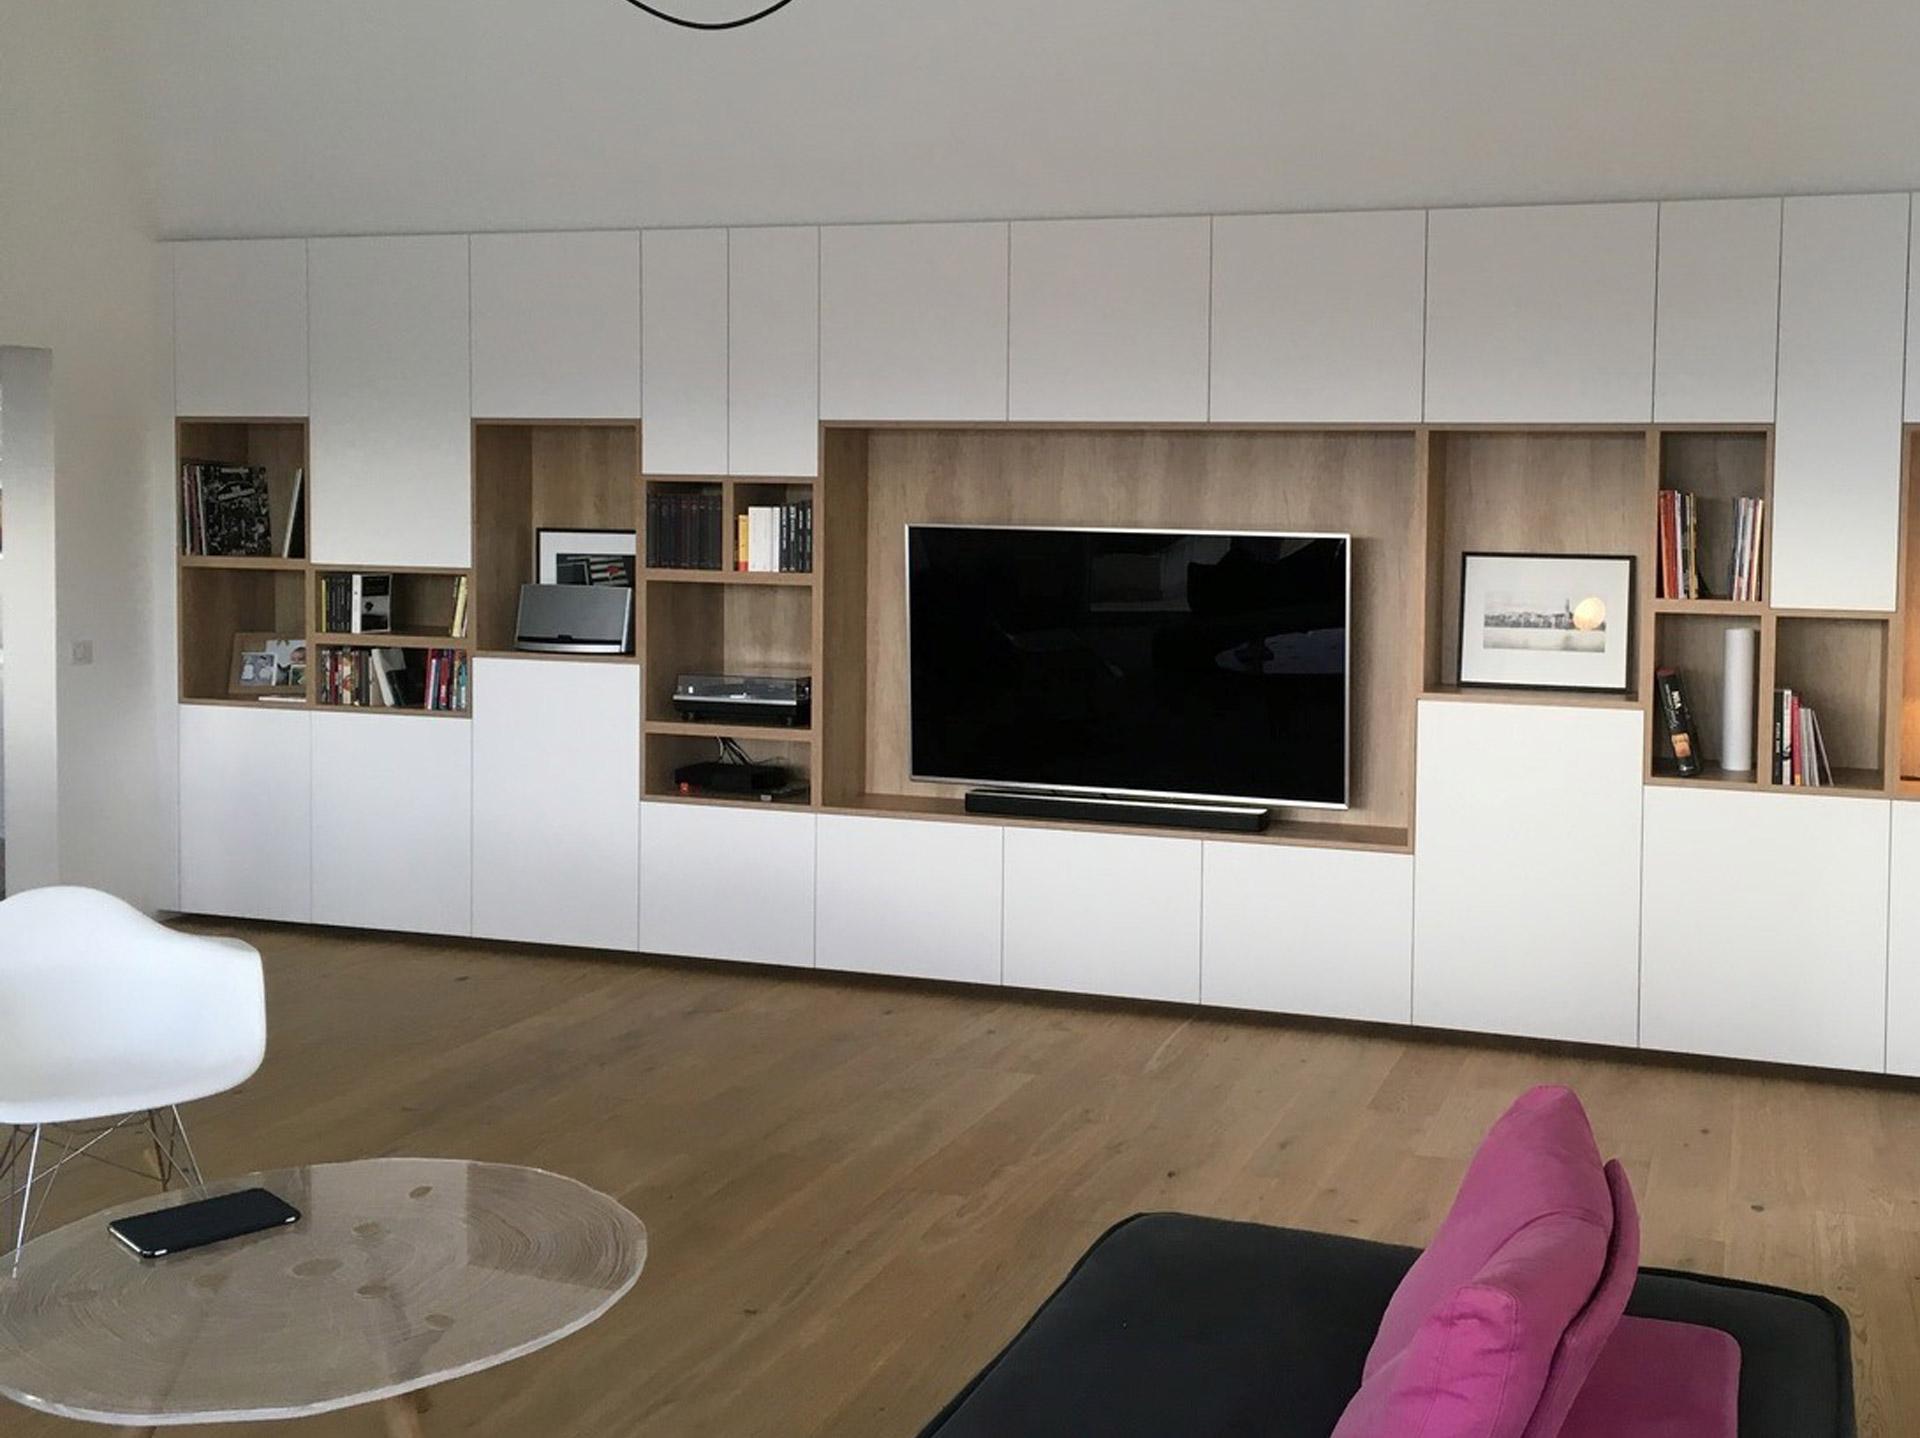 Architecte d'intérieur 64, Architecte d'intérieur Pau, Rénovation 64, Rénovation Pau, Suivi de chantier 64, Suivi de chantier Pau